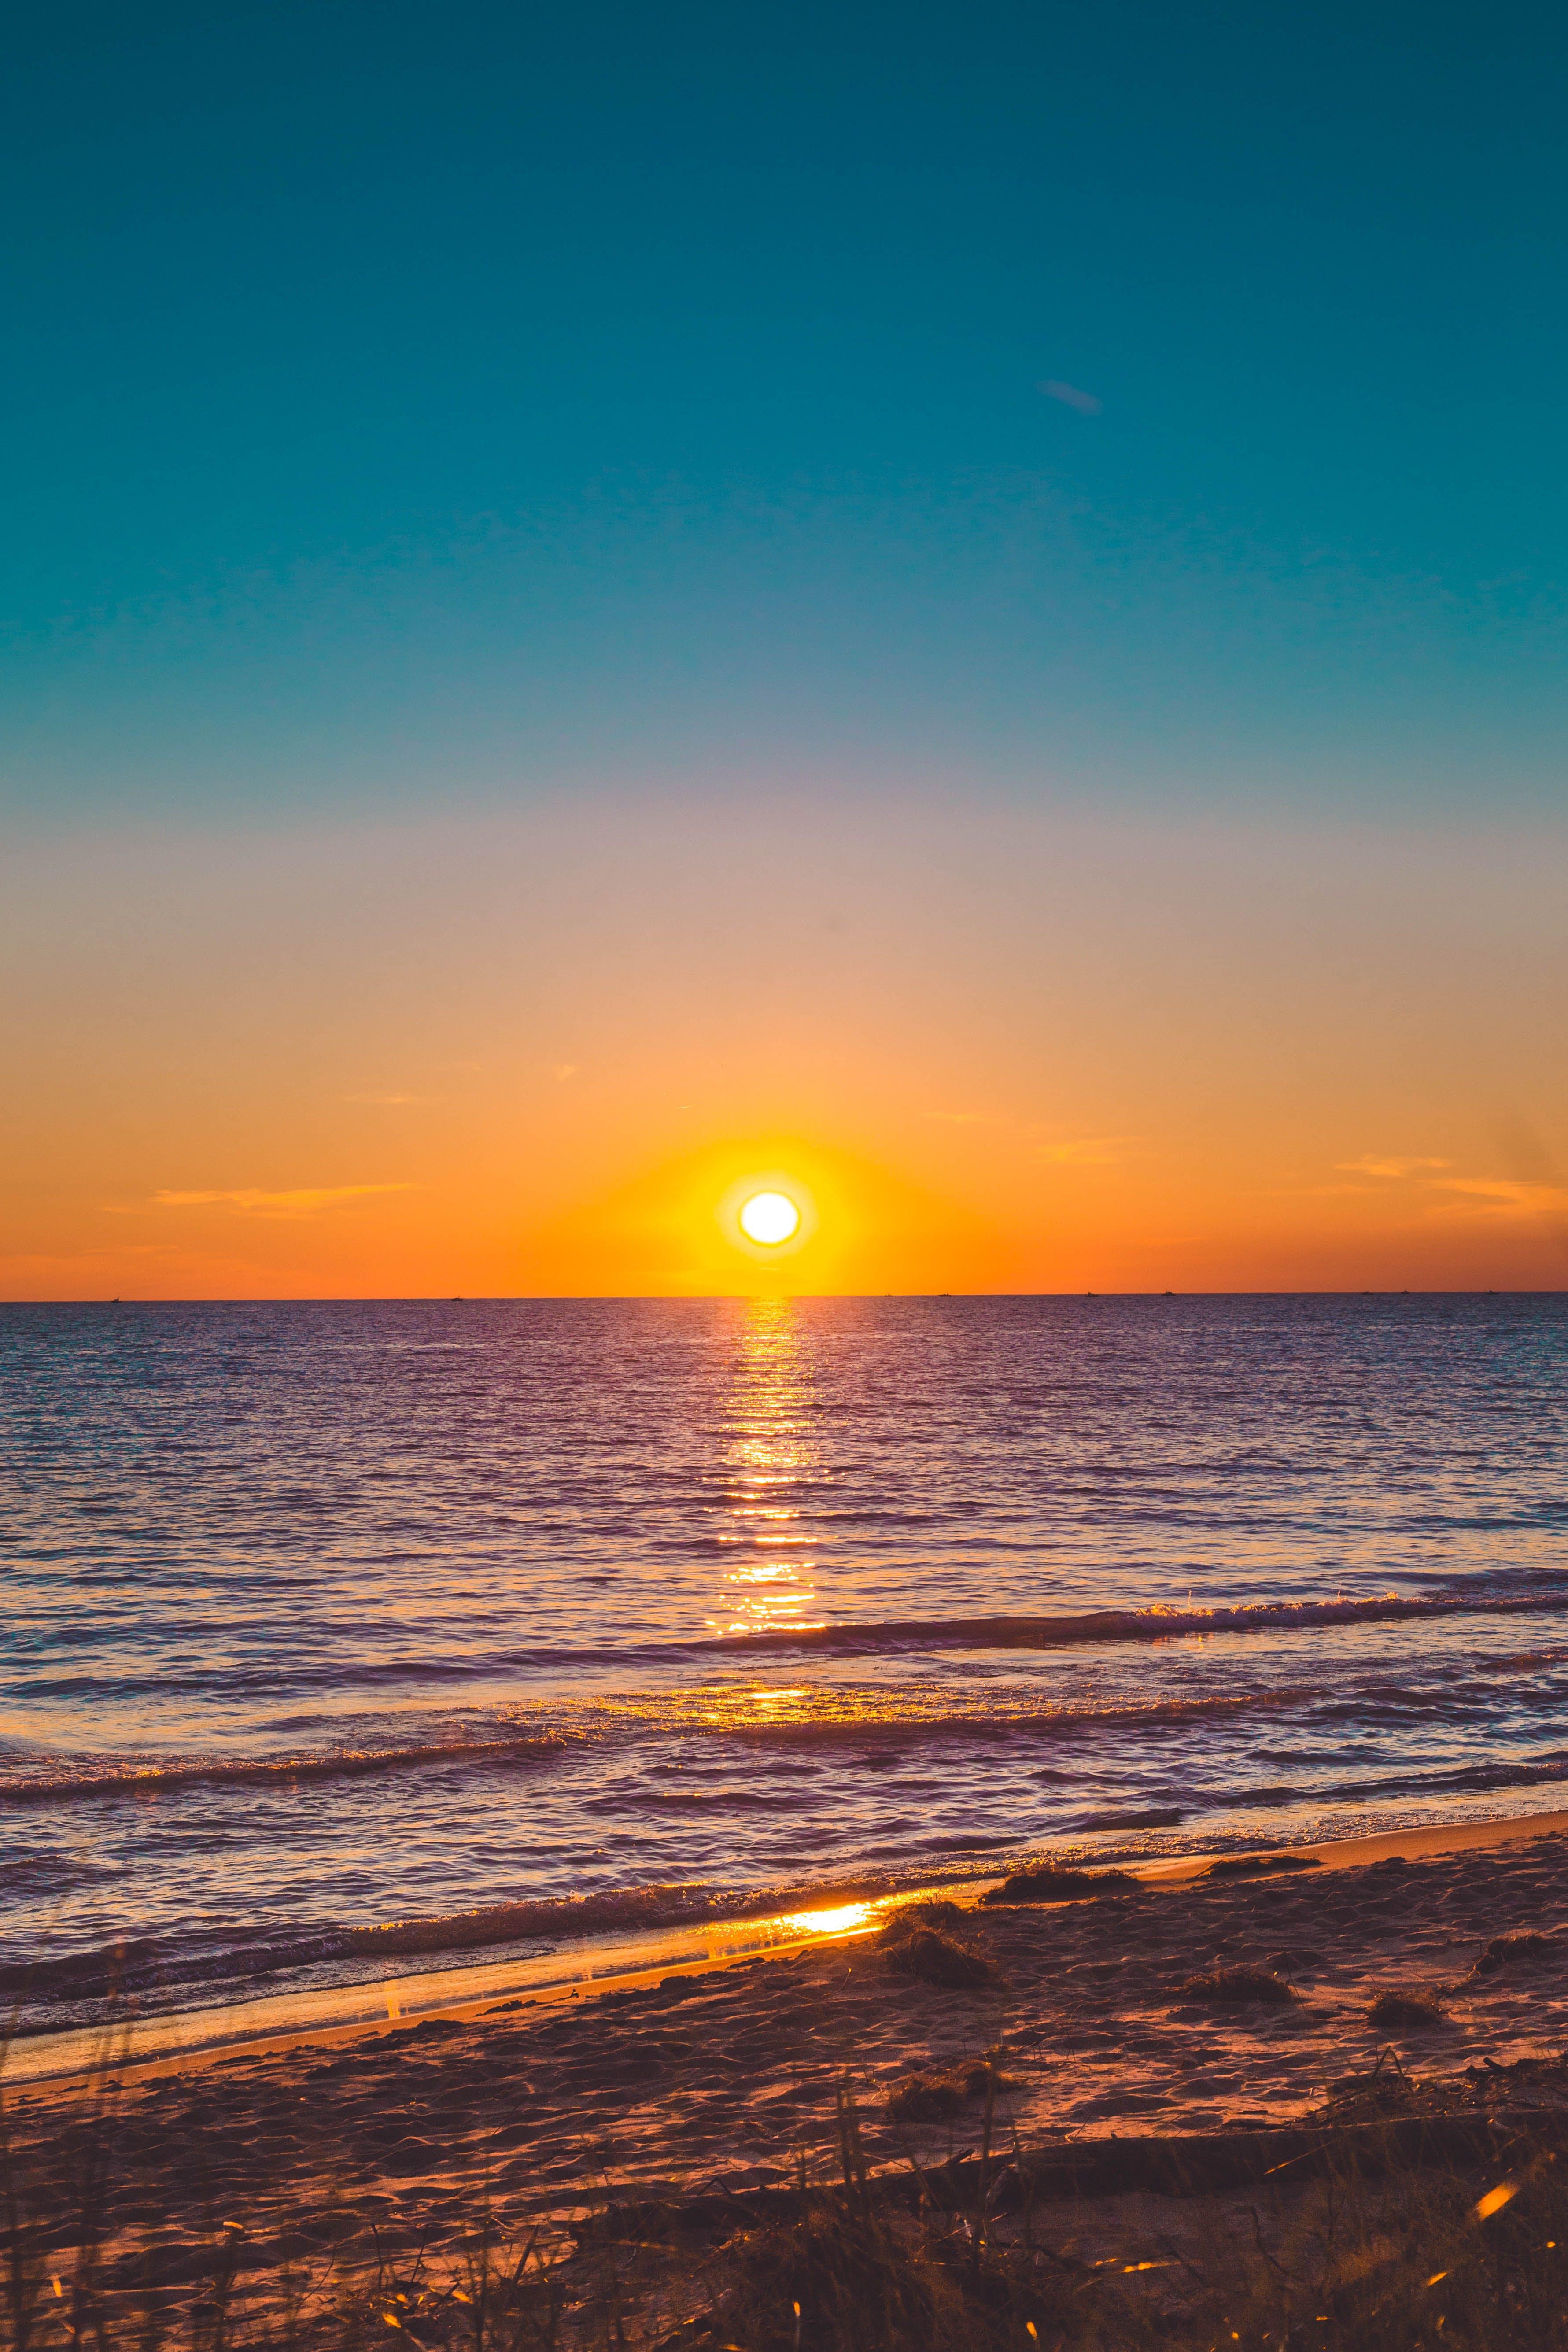 คลังภาพถ่ายฟรี ของ ชายทะเล, ชายหาด, ดวงอาทิตย์, ตอนเย็น